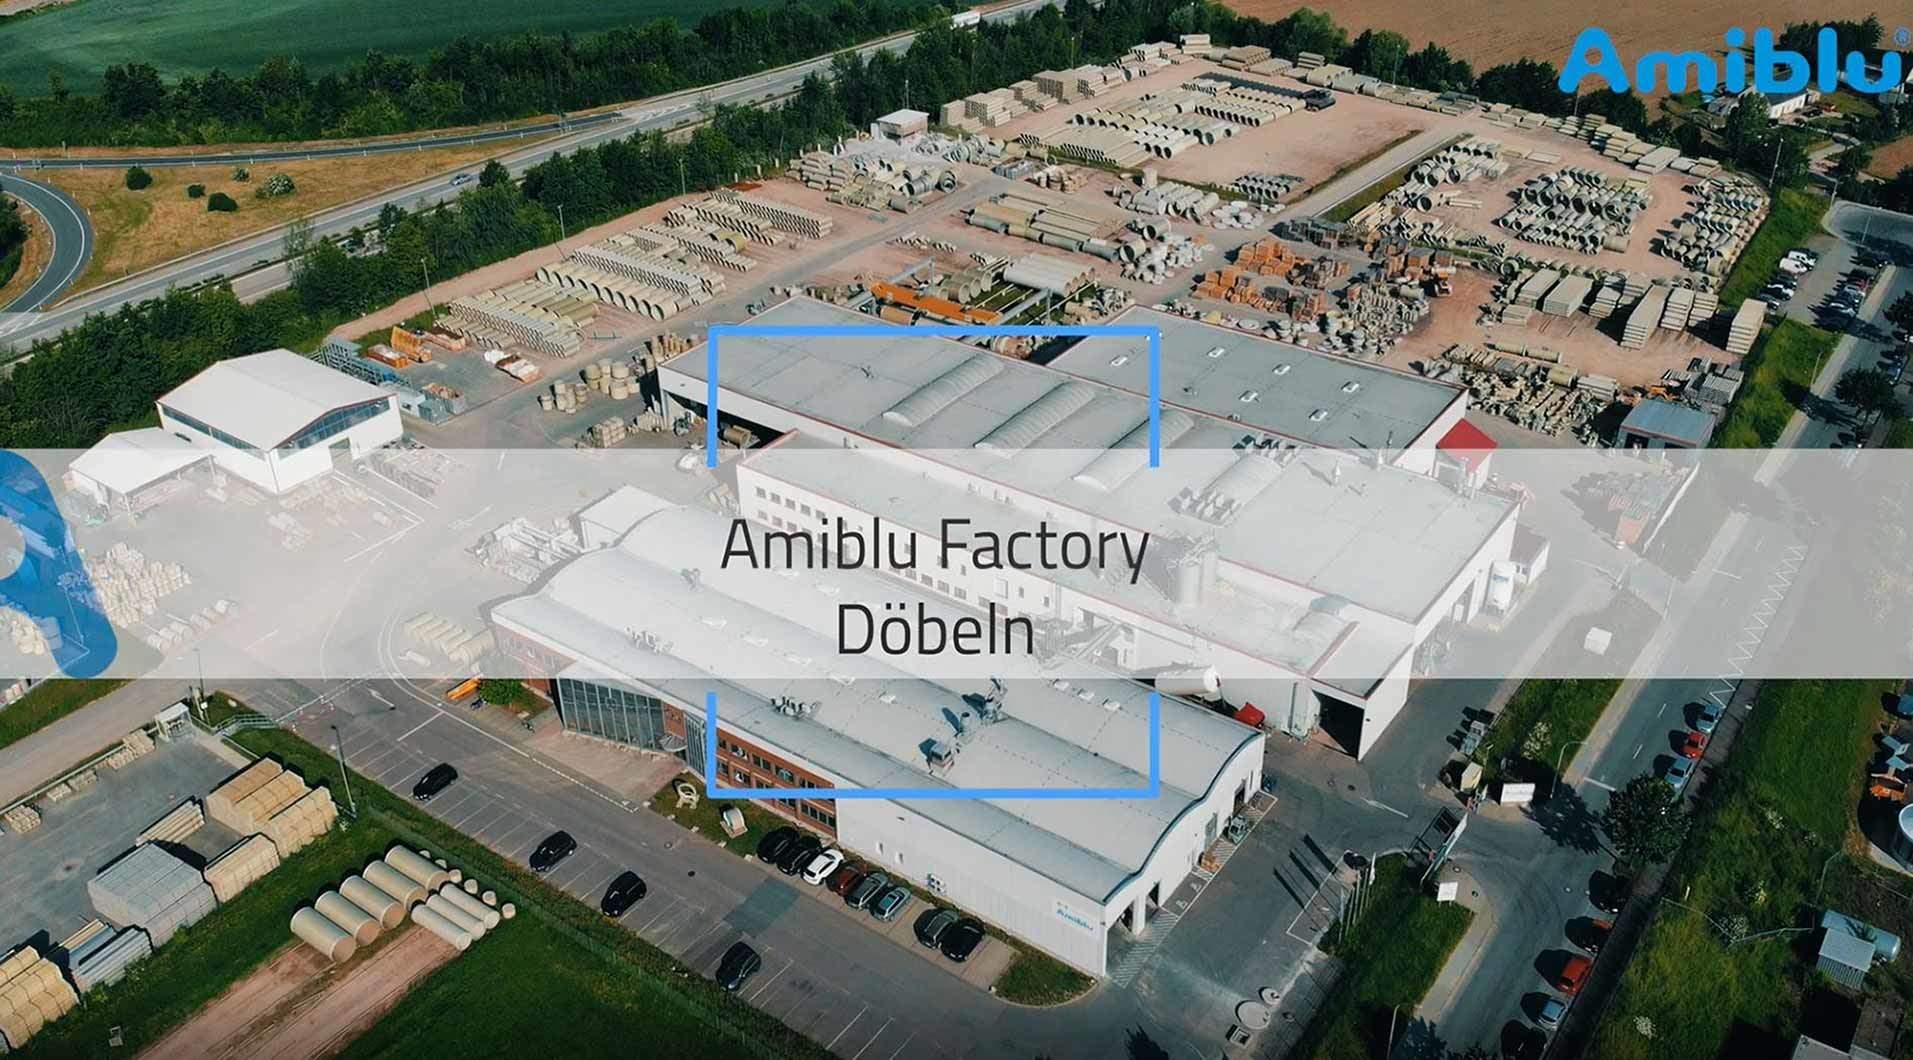 Amiblu Factory Doebeln